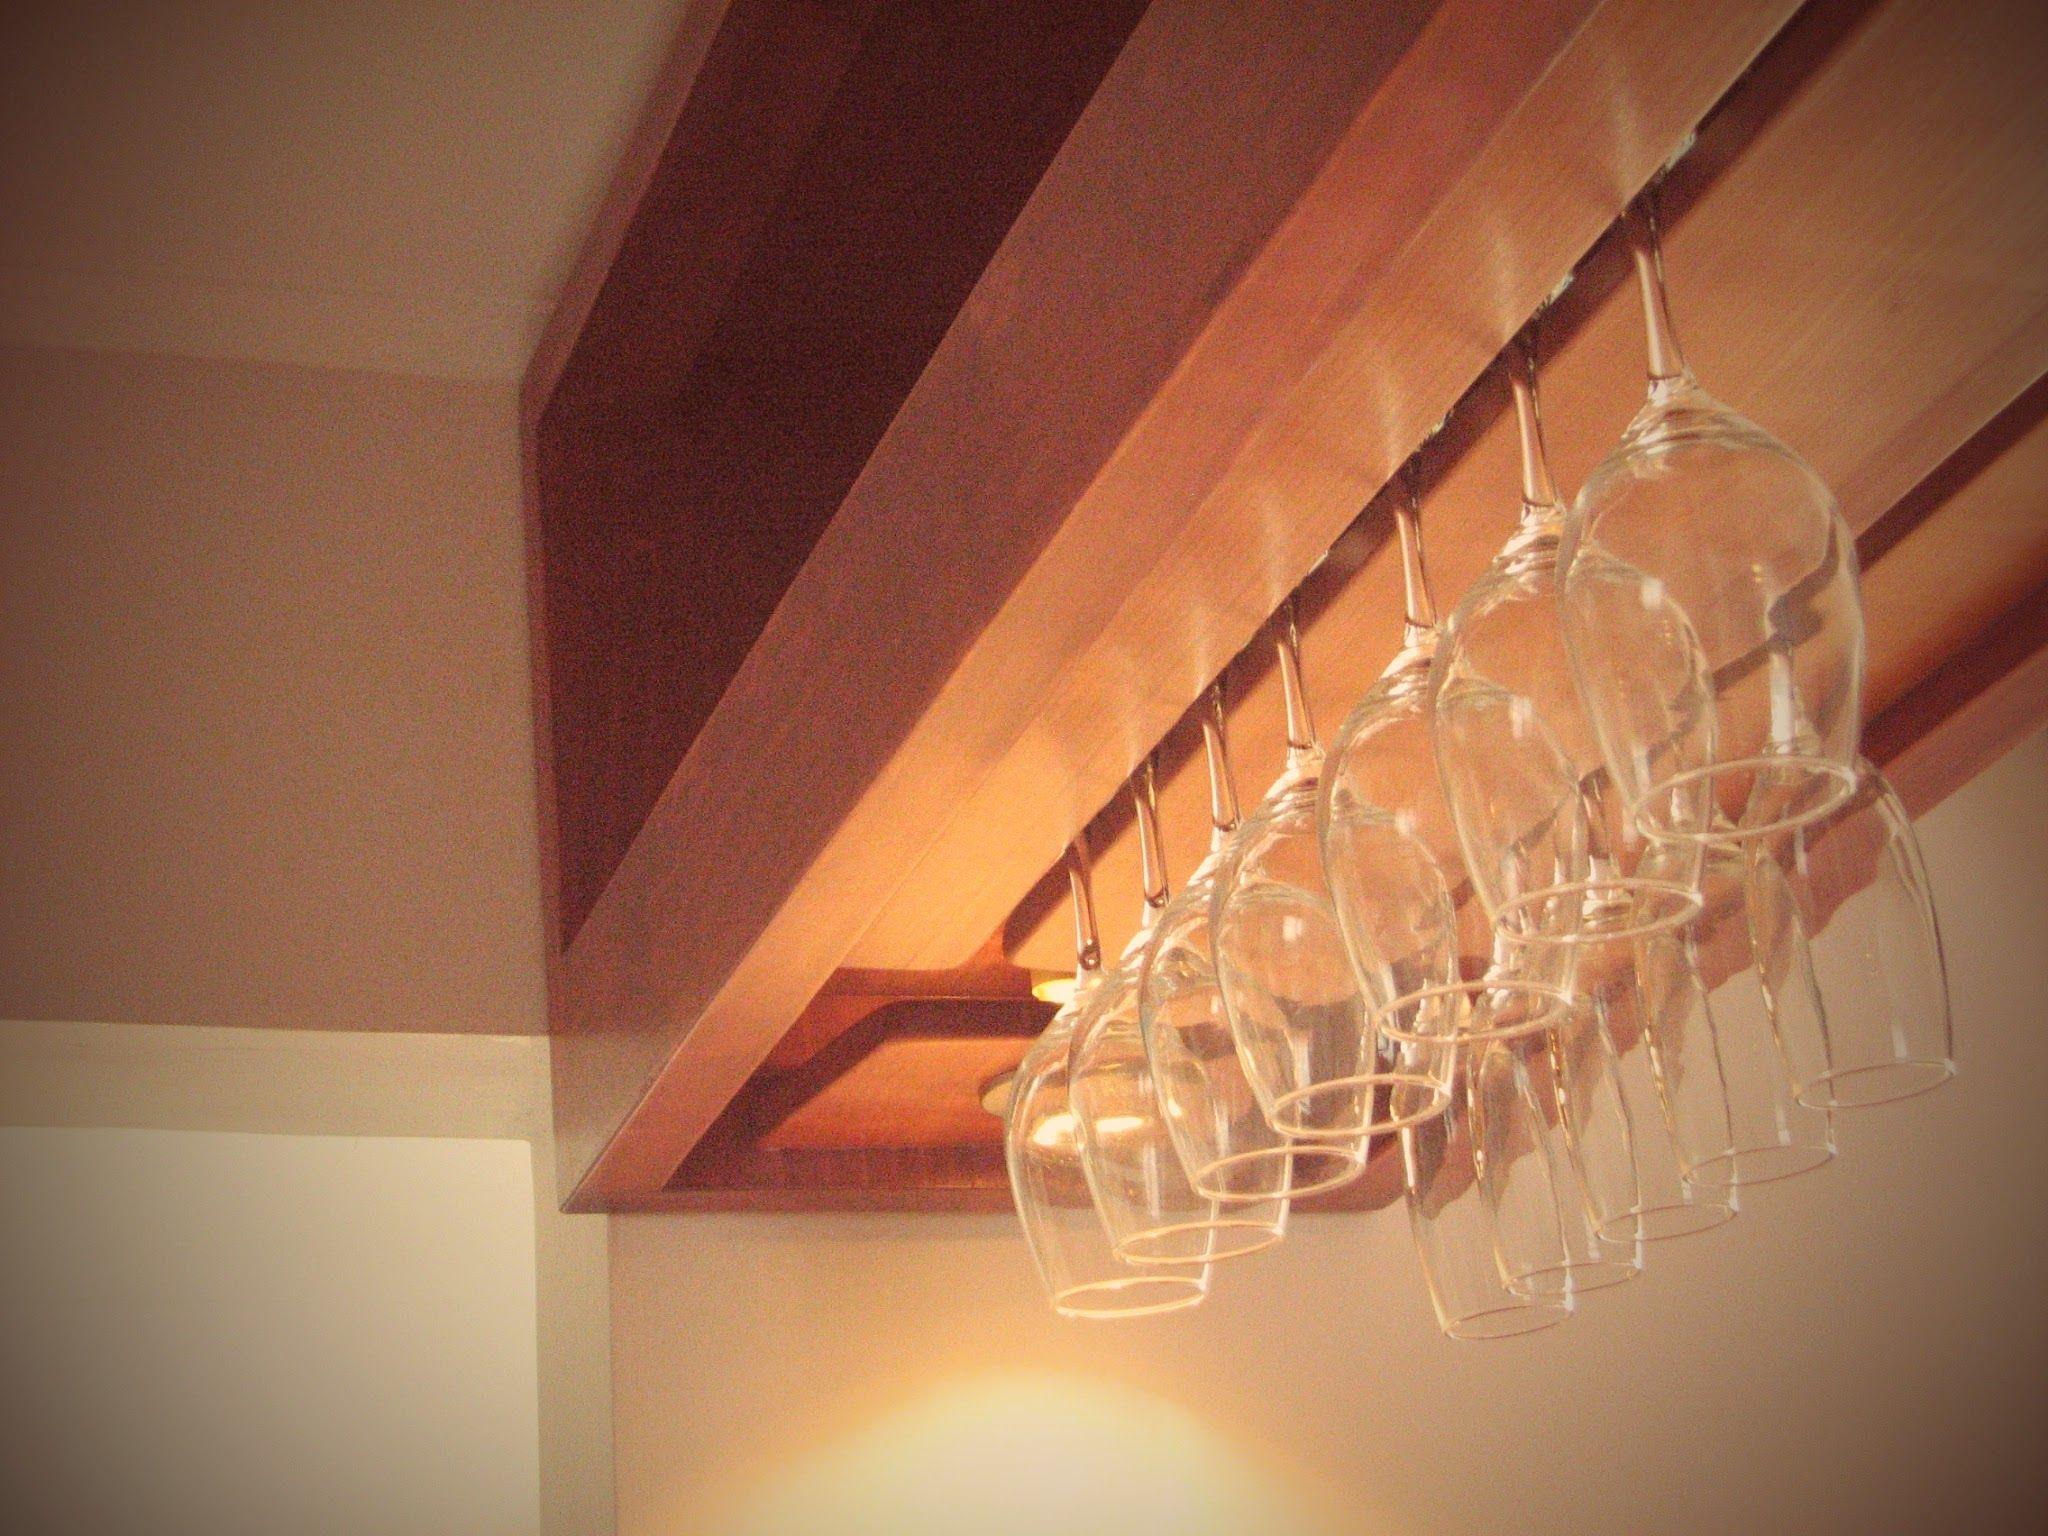 Mueble Colgante Repisas Y Copero Cavas Pinterest Muebles  # Muebles Coperos